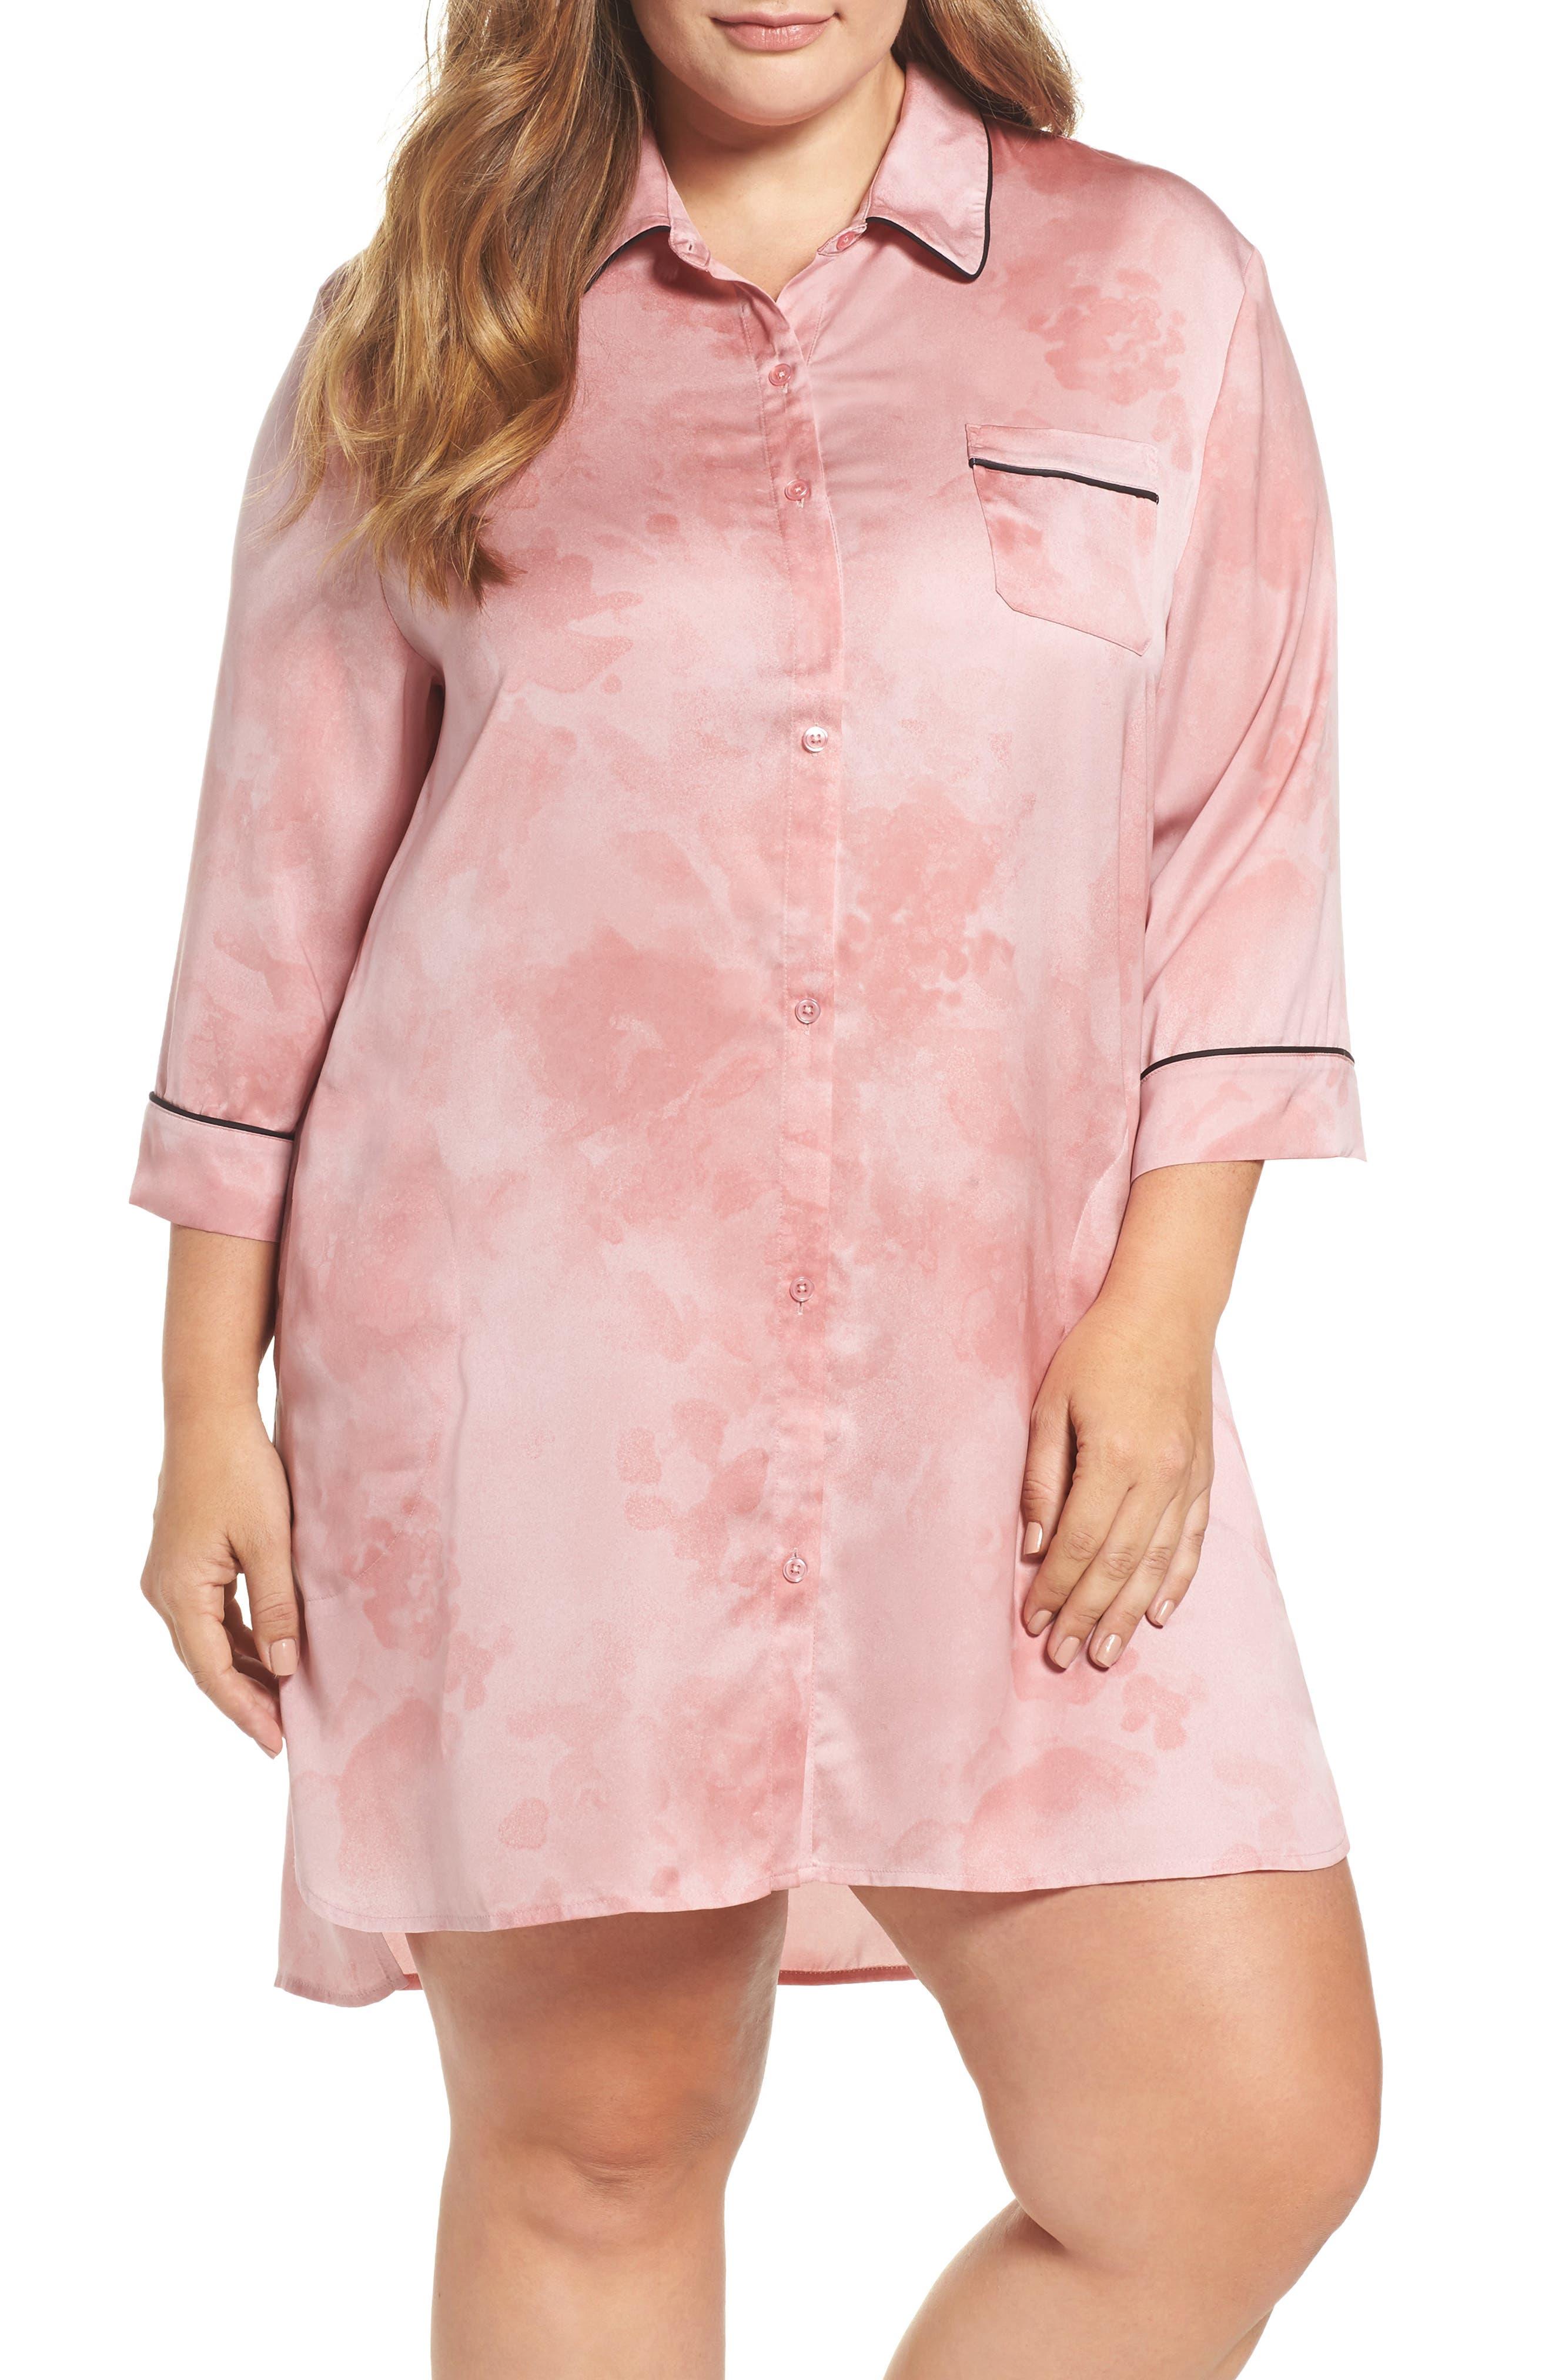 DKNY Washed Satin Sleep Shirt (Plus Size)